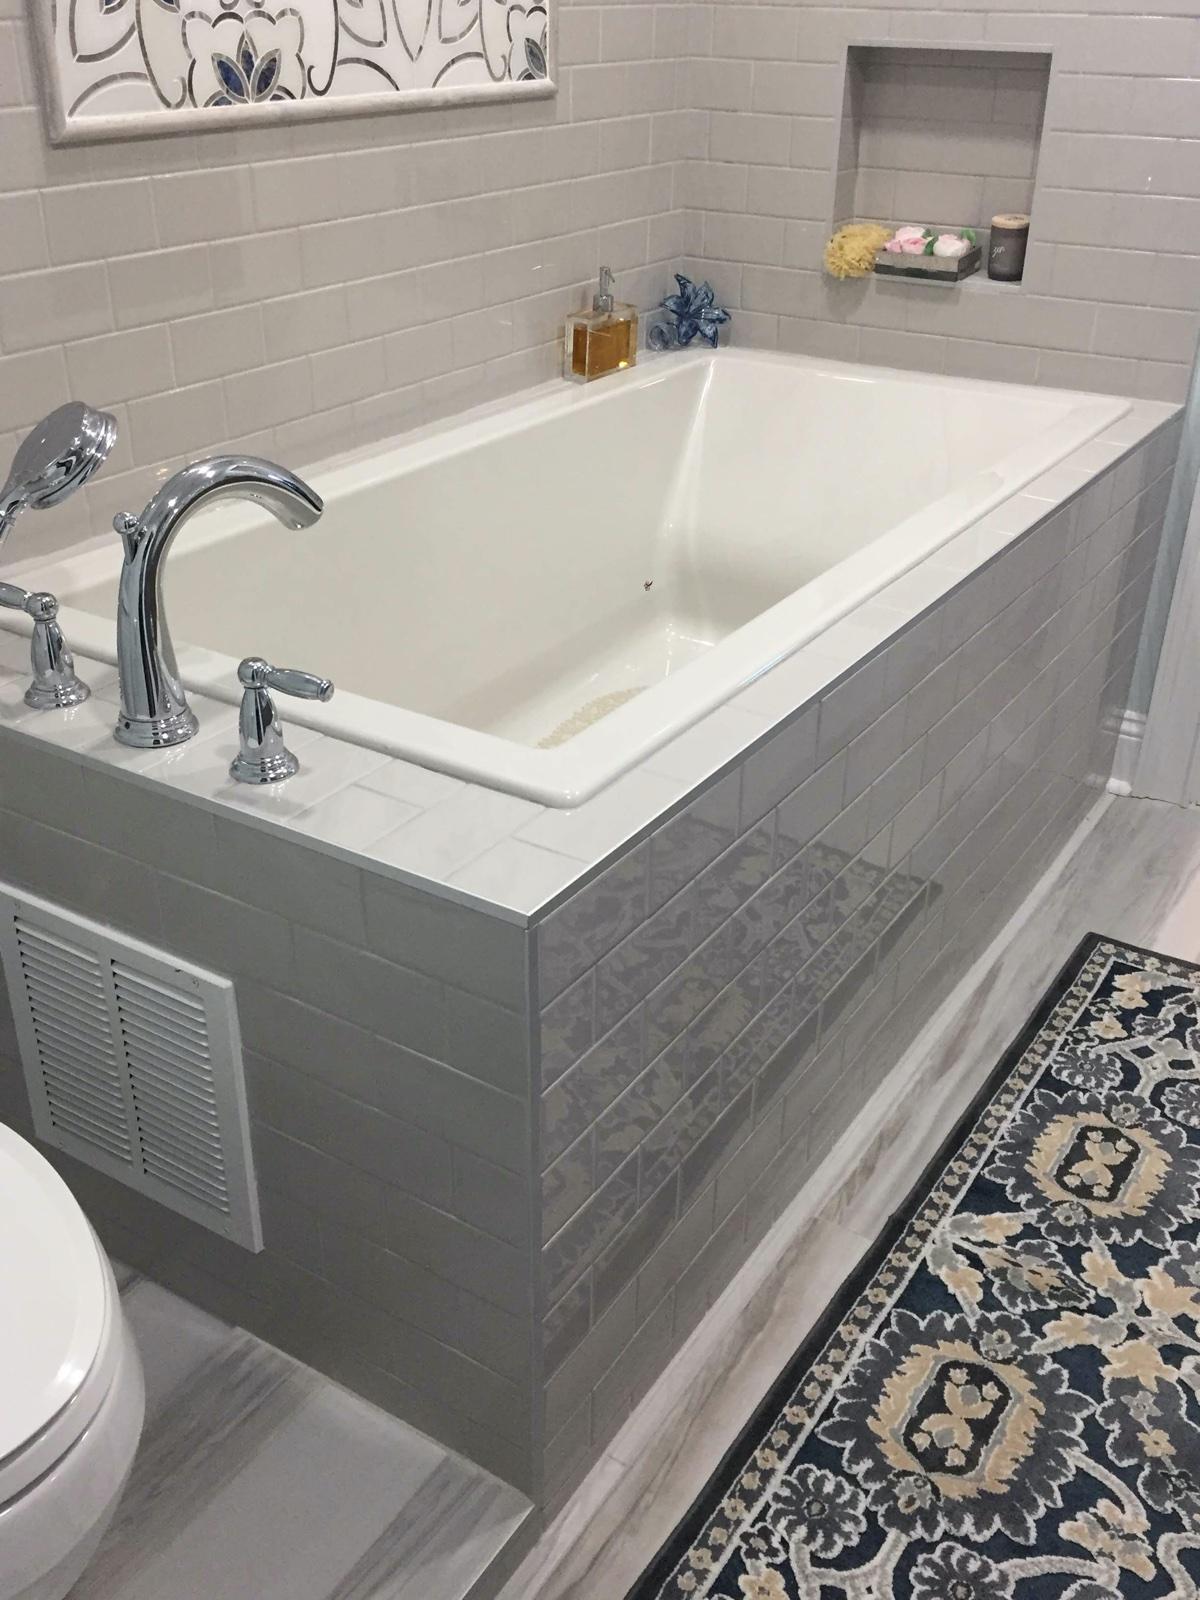 Bathroom-Remodel-Belview-Biltmore-bourgoing-plumbing2